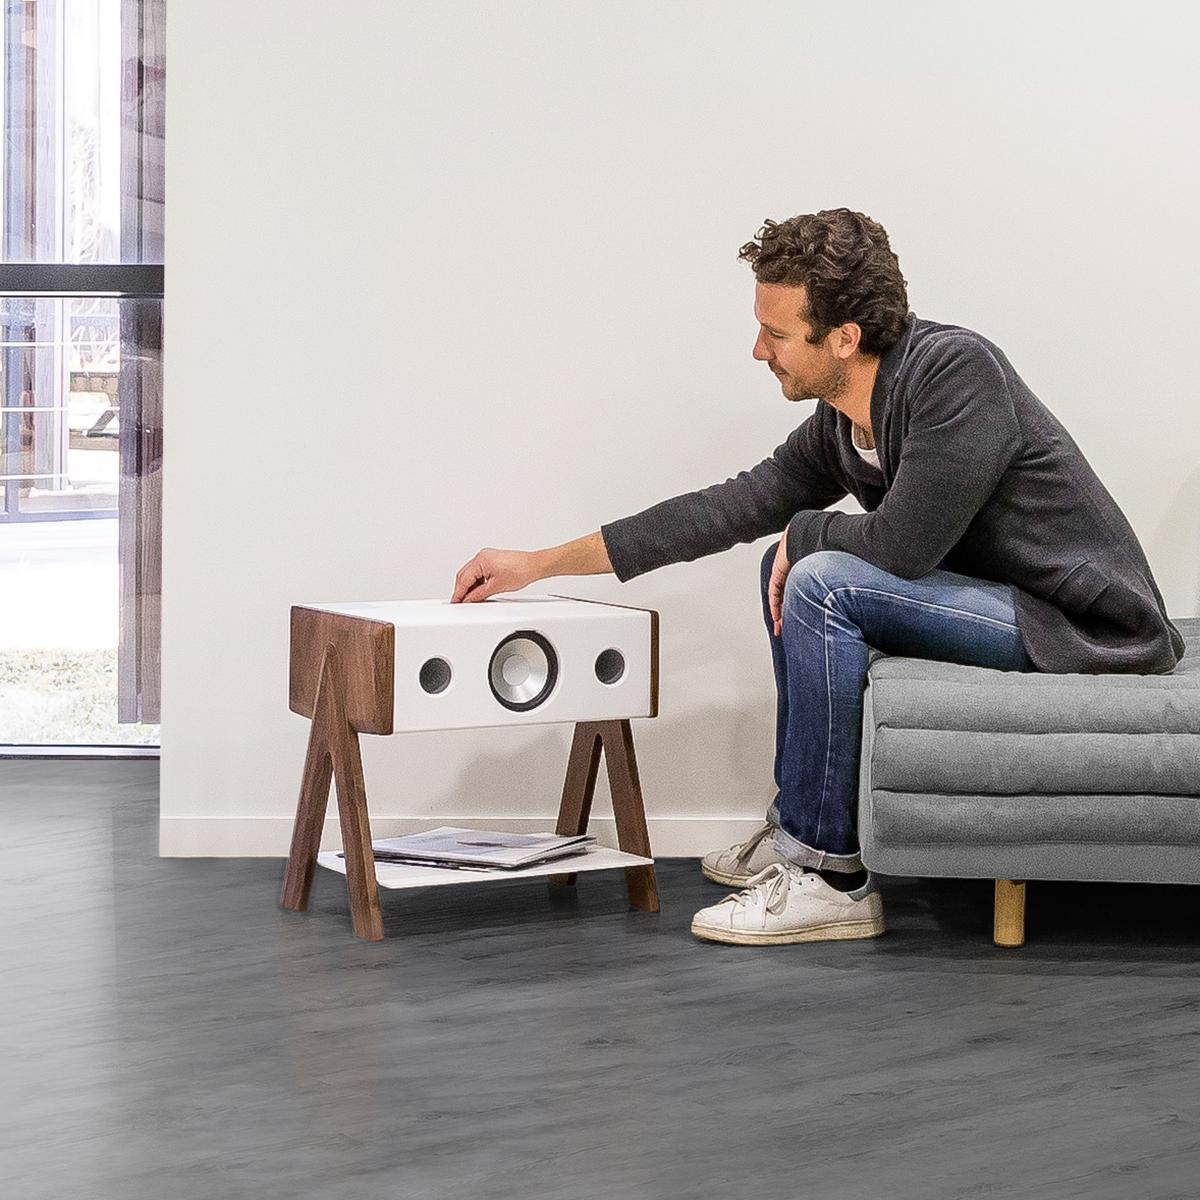 洗練された見た目と同じく、操作もシンプル。美しい家具のような高級スピーカー・オーディオ家具|La Boite Concept CUBE(ラ ボアット コンセプト キューブ)